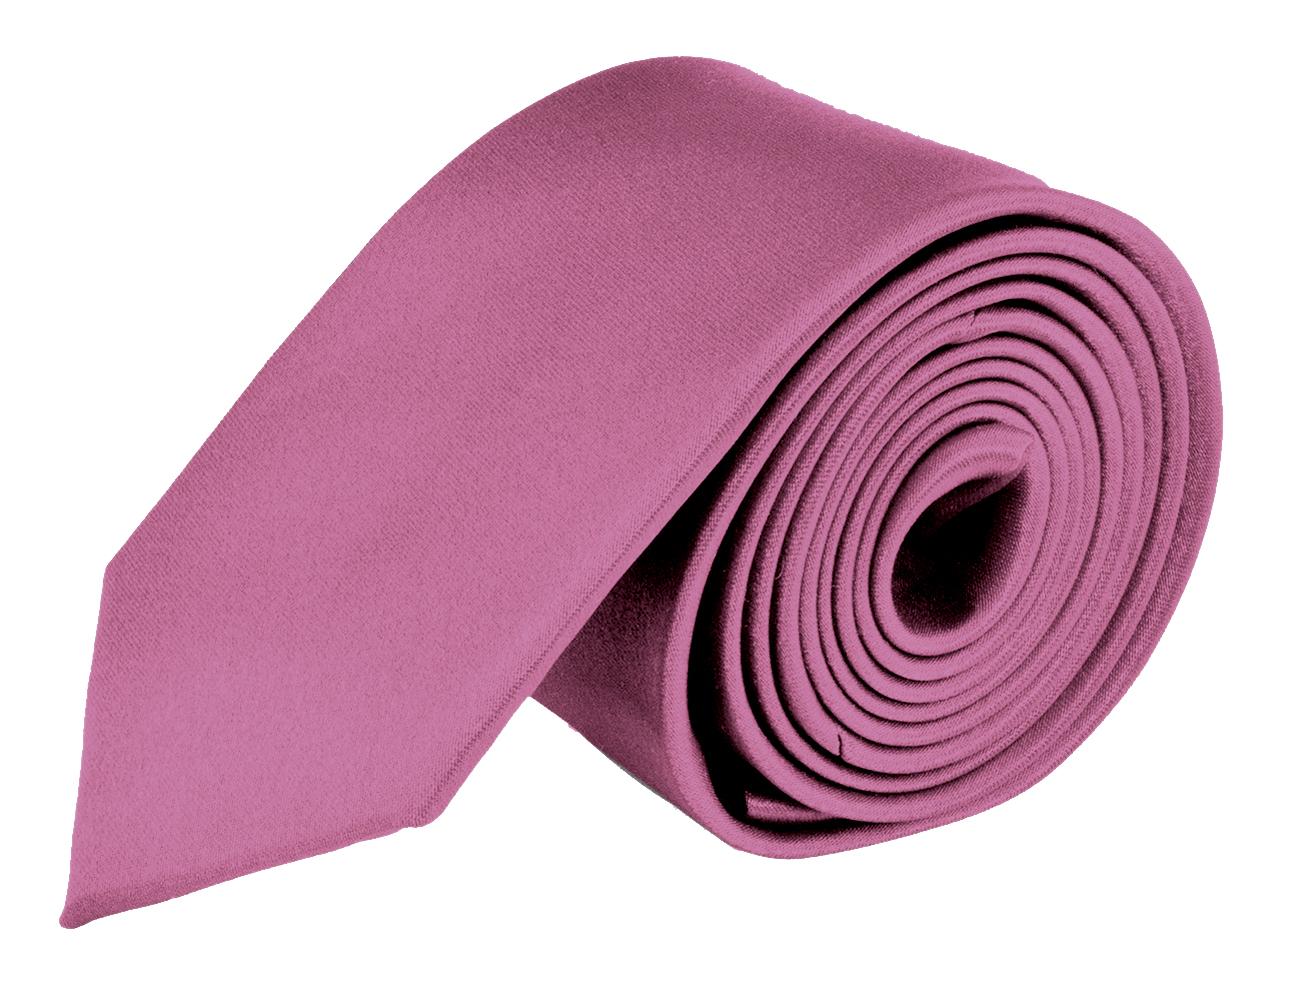 MDR Mens Ties Solid Satin Tie Pure Solid Color Necktie - Rose Pink 2.75 inch